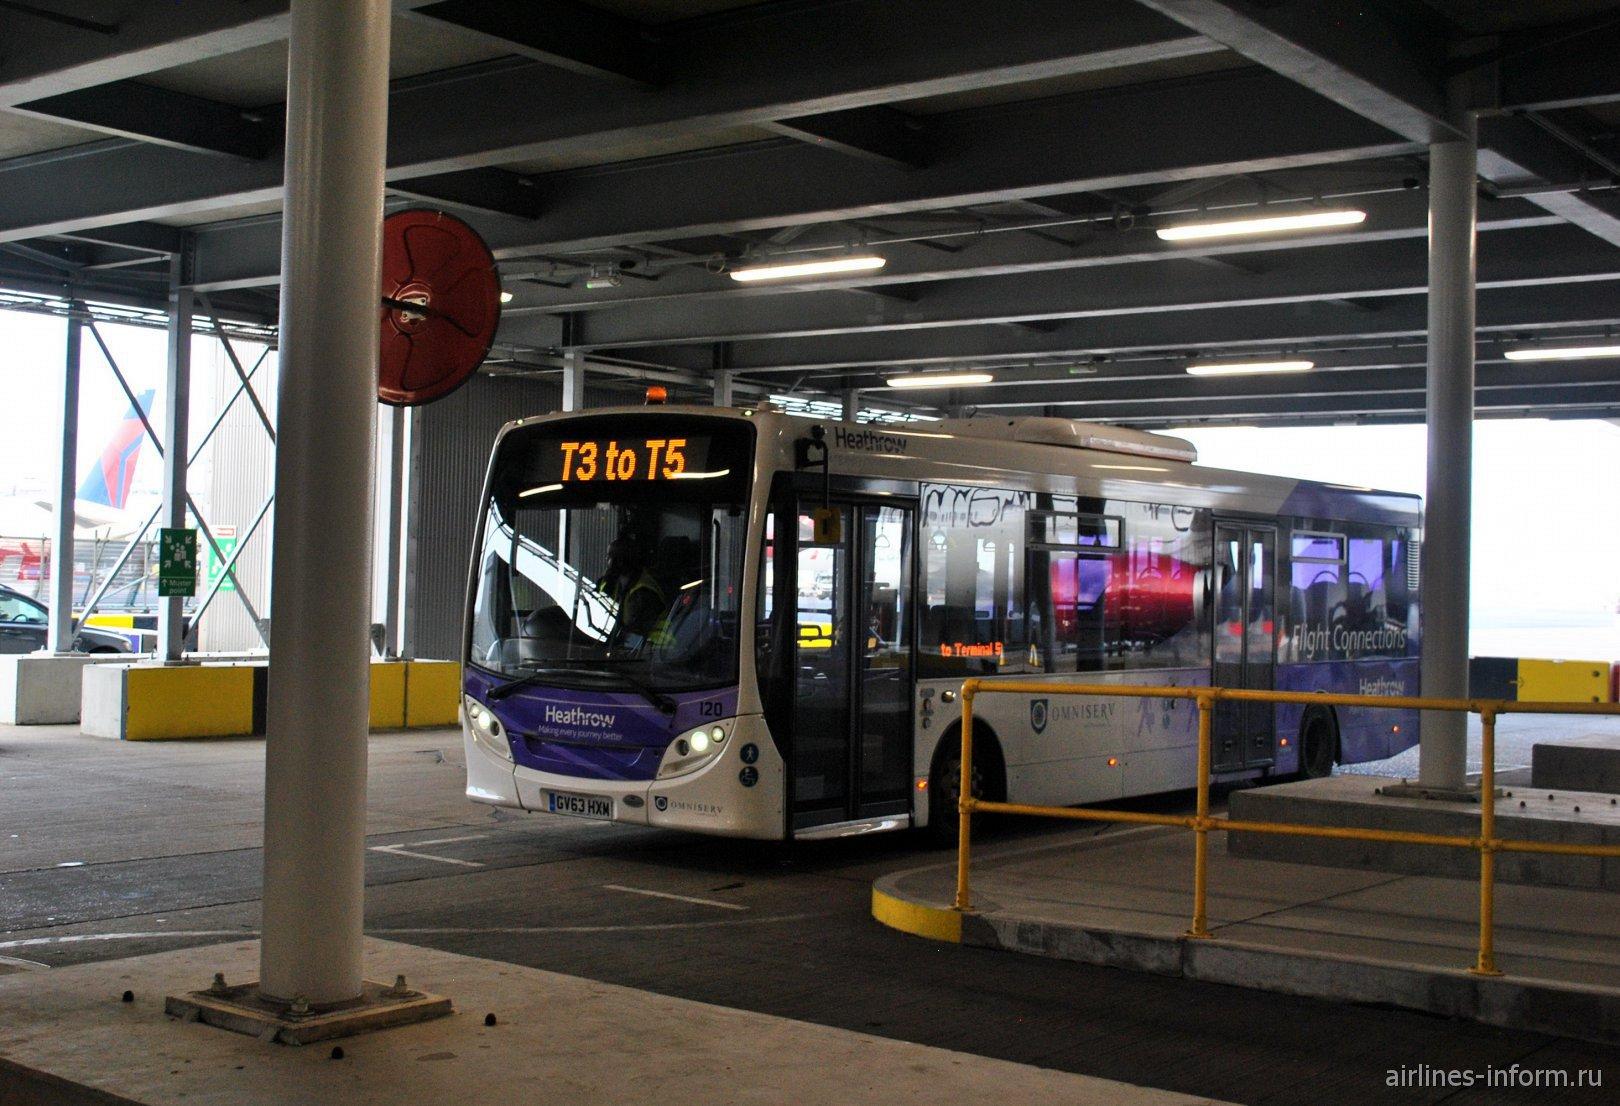 Трансферный автобус между терминалами аэропорта Лондон Хитроу